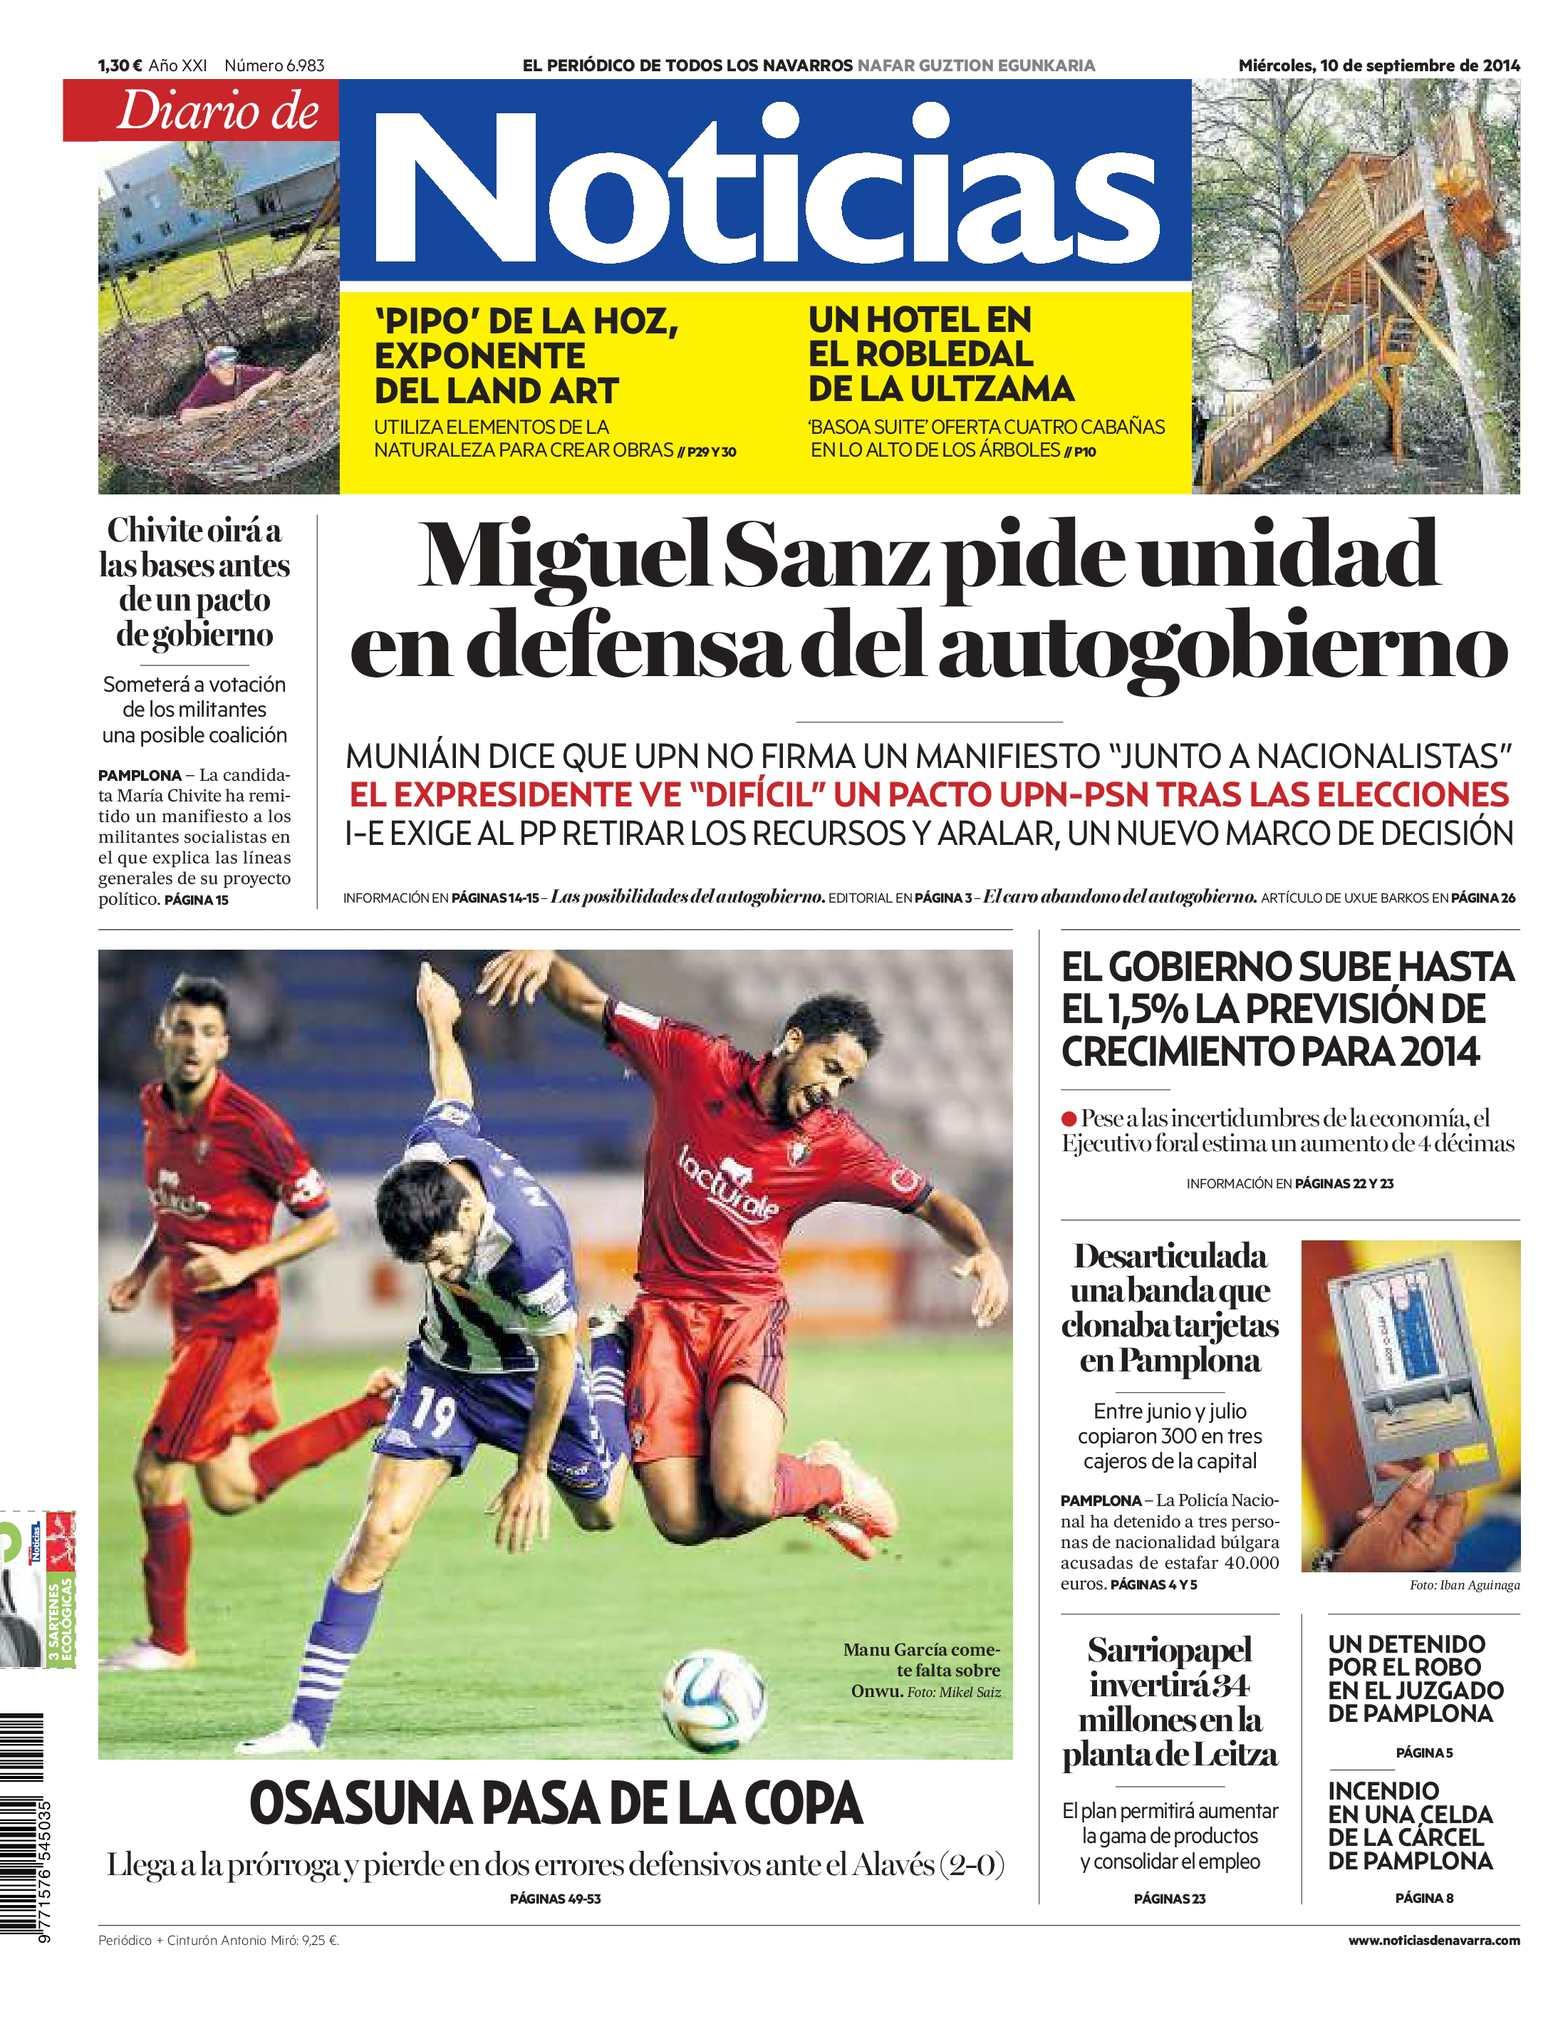 1b0dac778e30d Calaméo - Diario de Noticias 20140910